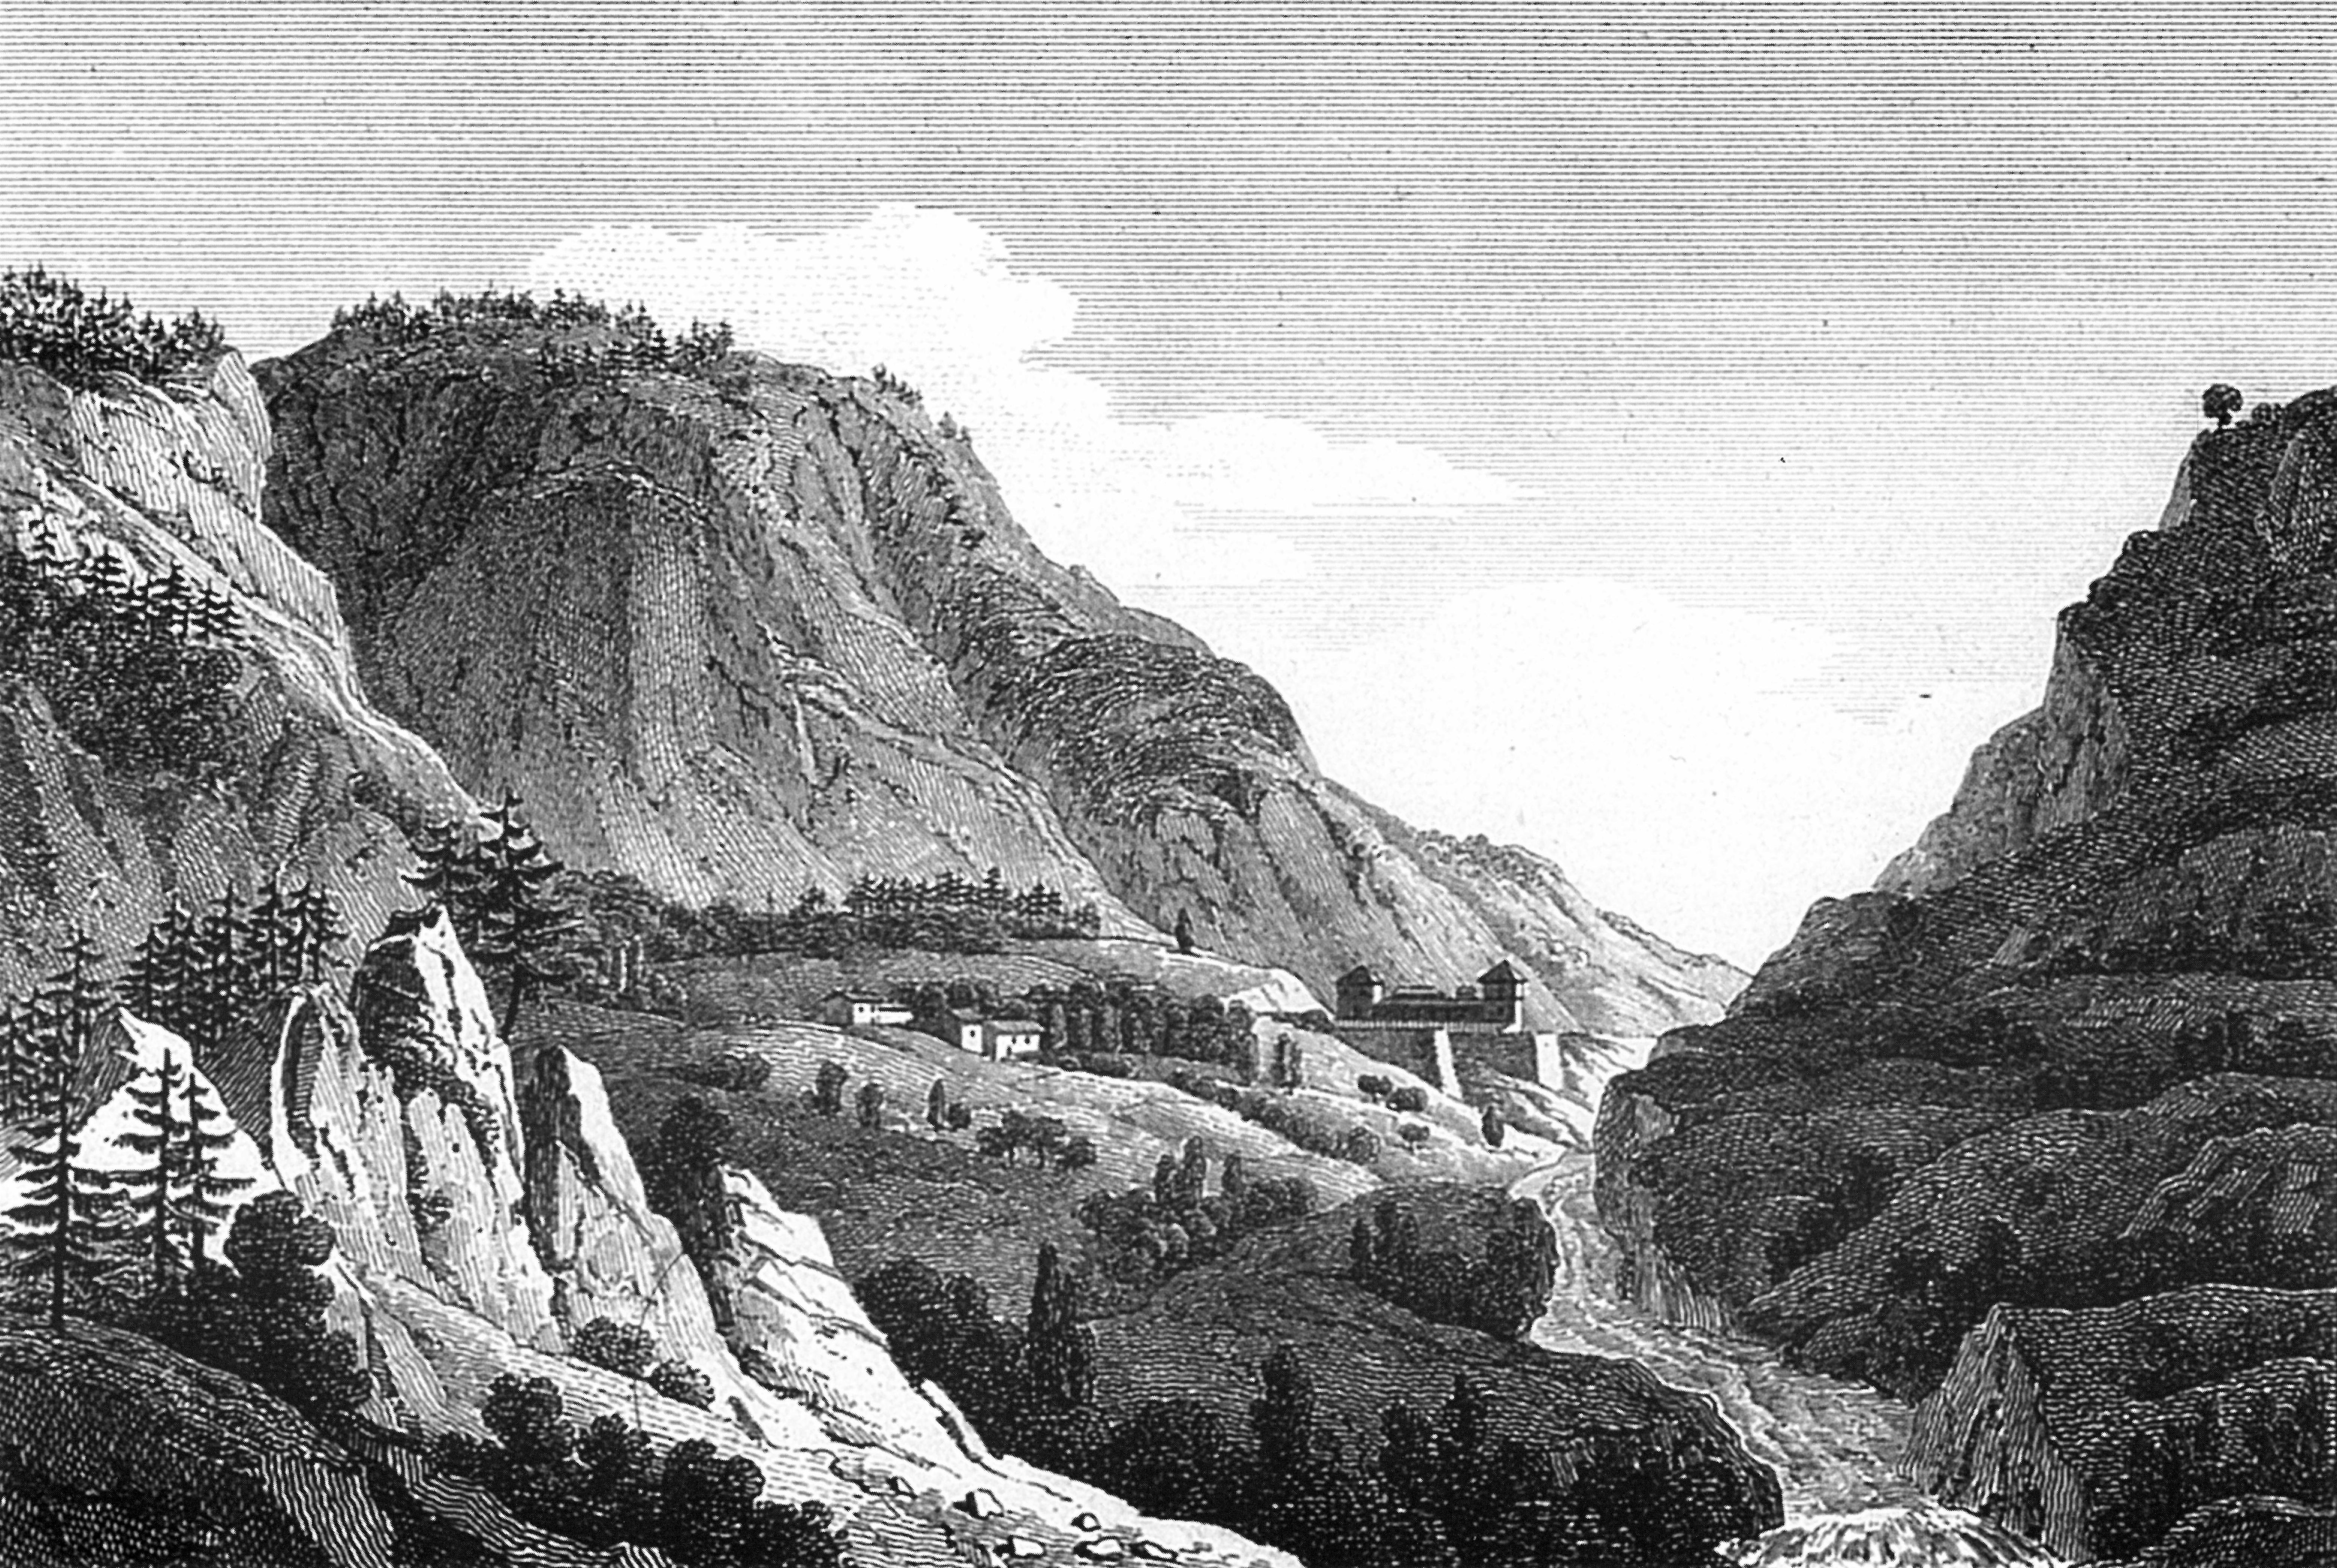 1730_Vue du Fort l'Ecluse vers 1730.jpg